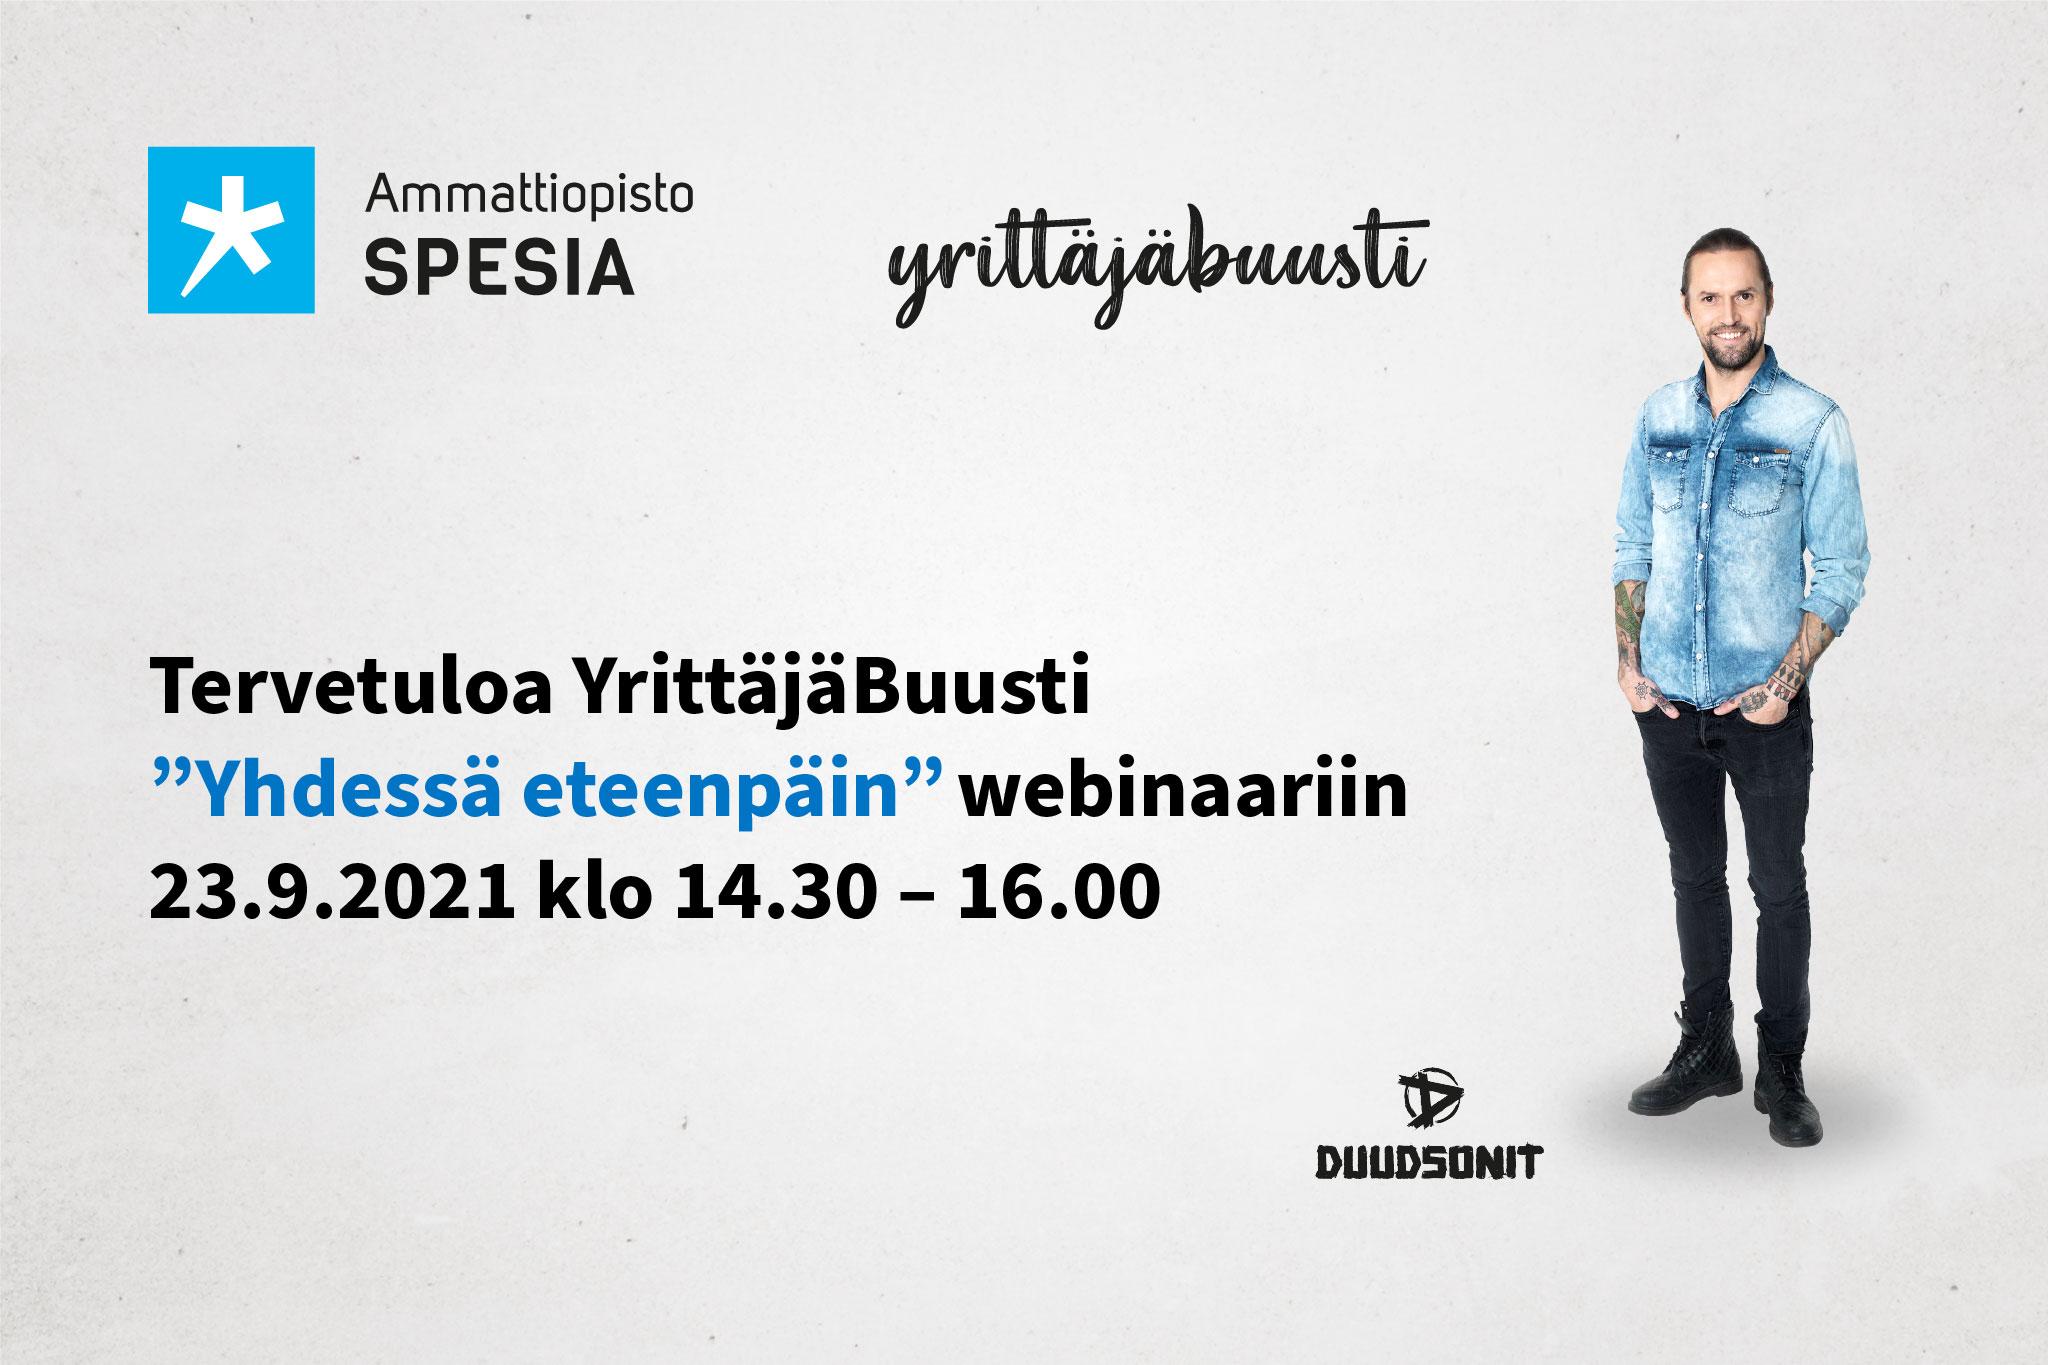 Tervetuloa YrittäjäBuusti Yhdessä eteenpäin webinaariin 23.9.2021 klo 14.30-16.00, lisäksi Duudsonien HPn valokuva